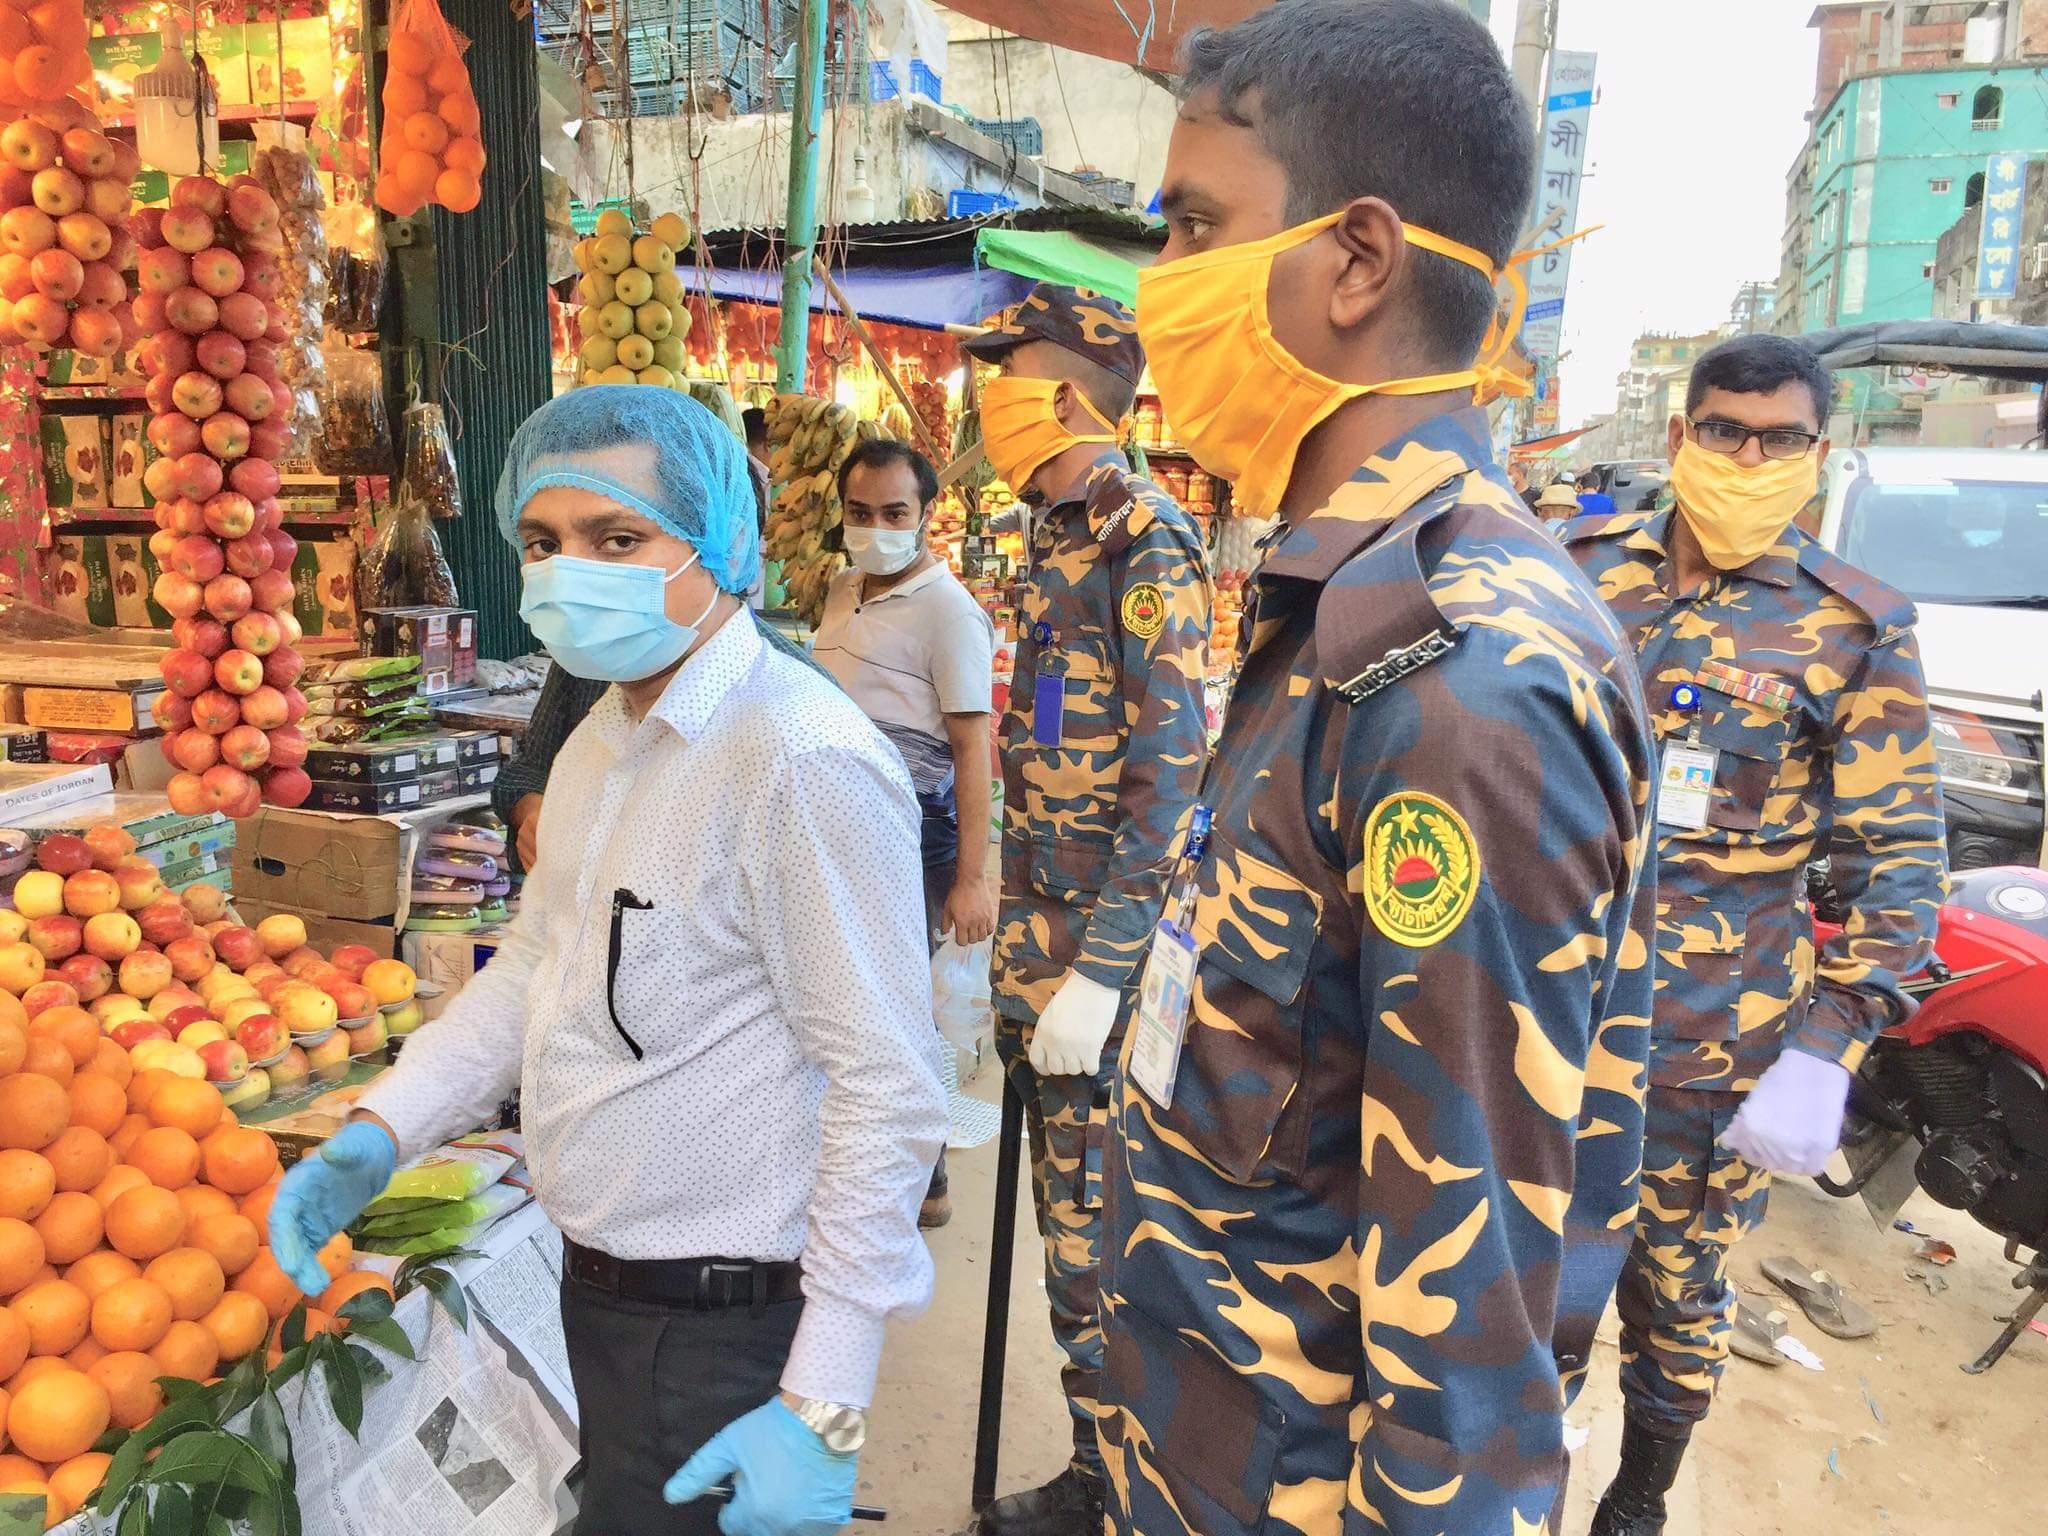 কক্সবাজারে ৮ দোকানকে ৫৭ হাজার টাকা জরিমানা | সি কক্স নিউজ